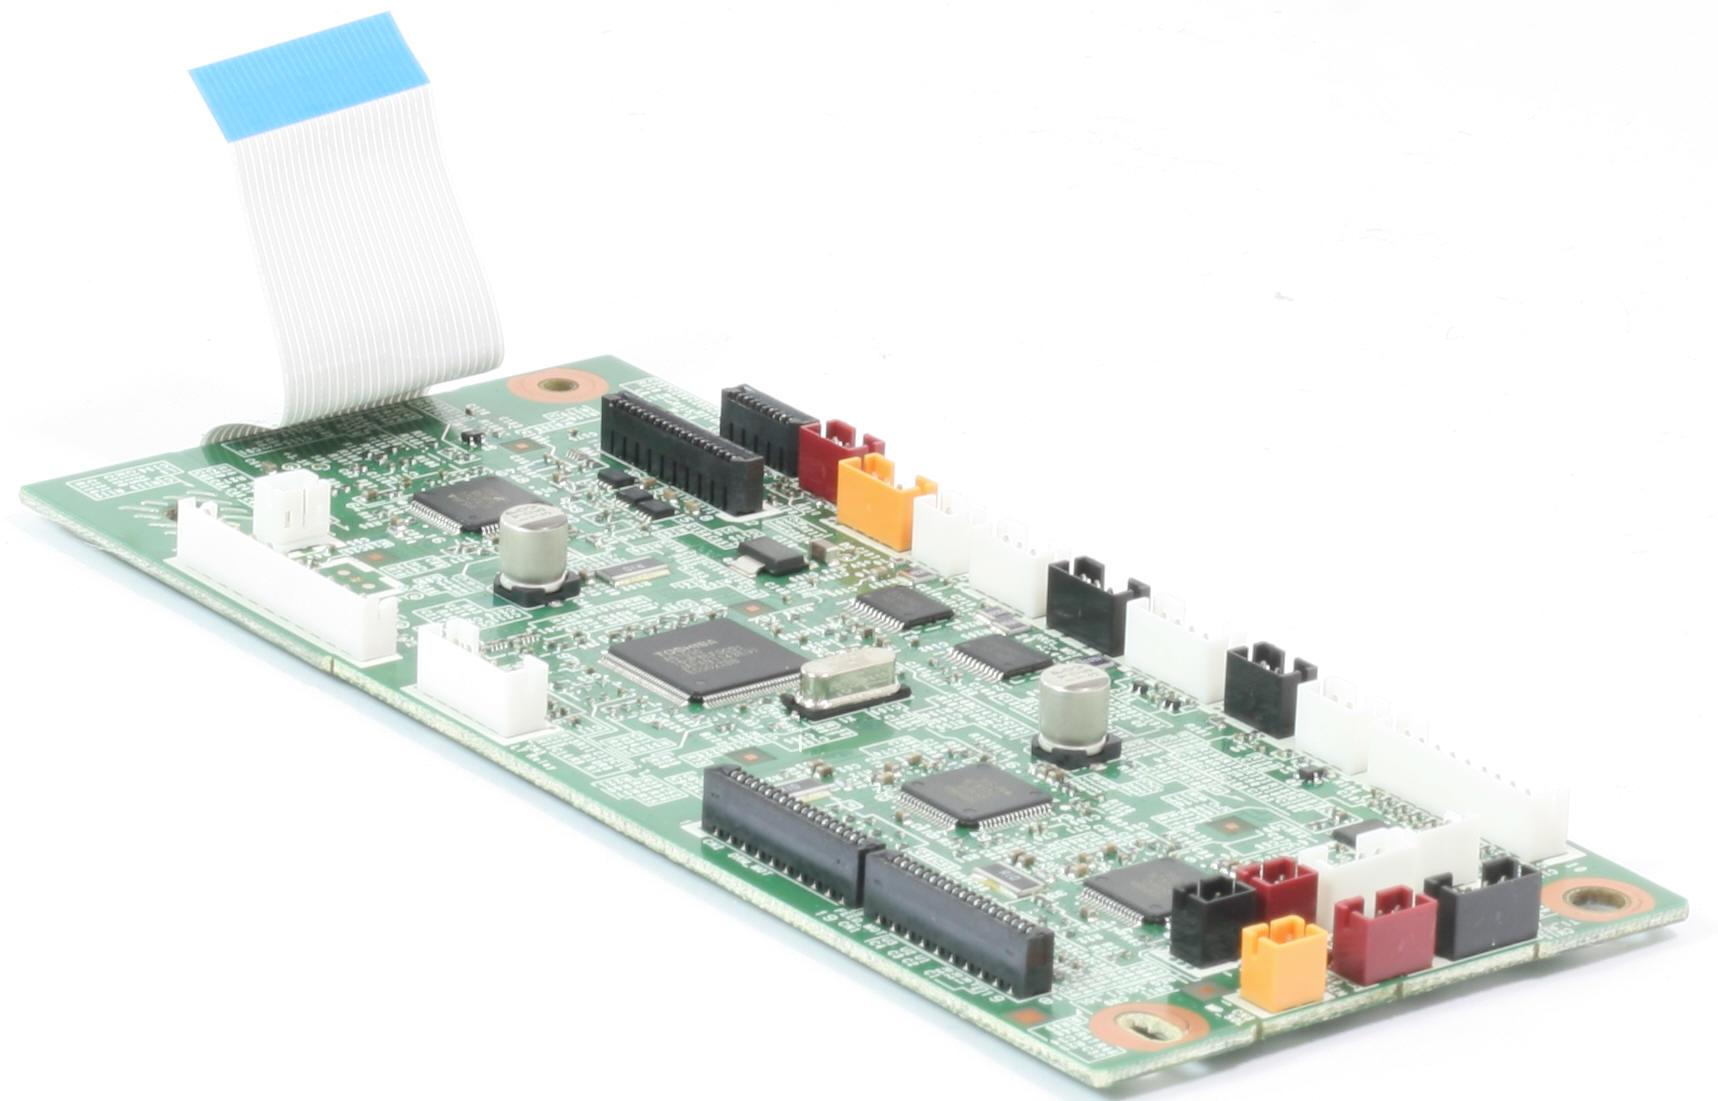 Brother Controller LV0535001 PCB Board für HL-4570 CDW HL-4150 CDN gebraucht